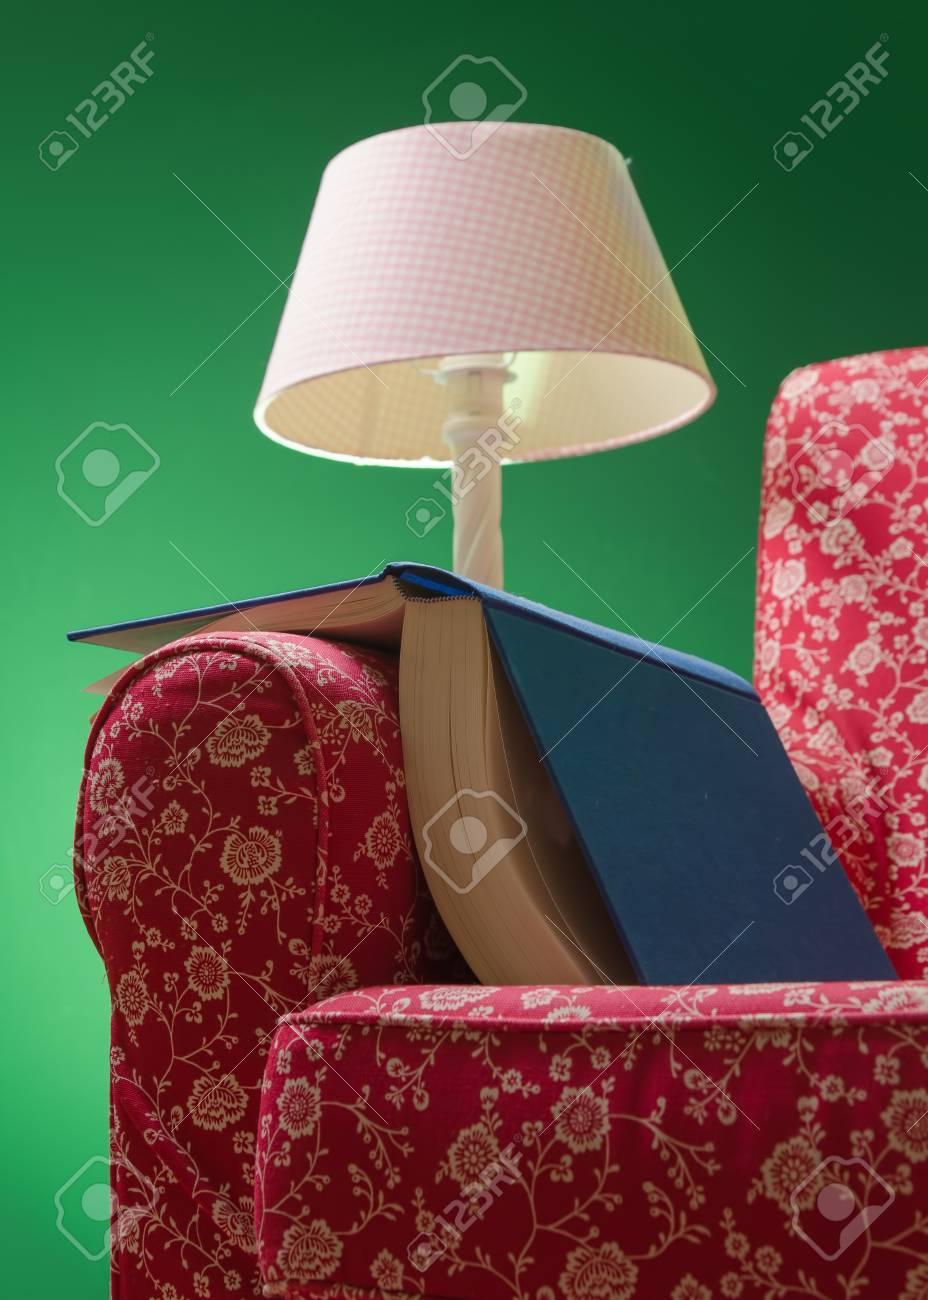 Livre sur le repos du fauteuil rouge à gauche après la lecture, avec un fond vert et une lampe rose éclairant la scène. Banque d'images - 85550612